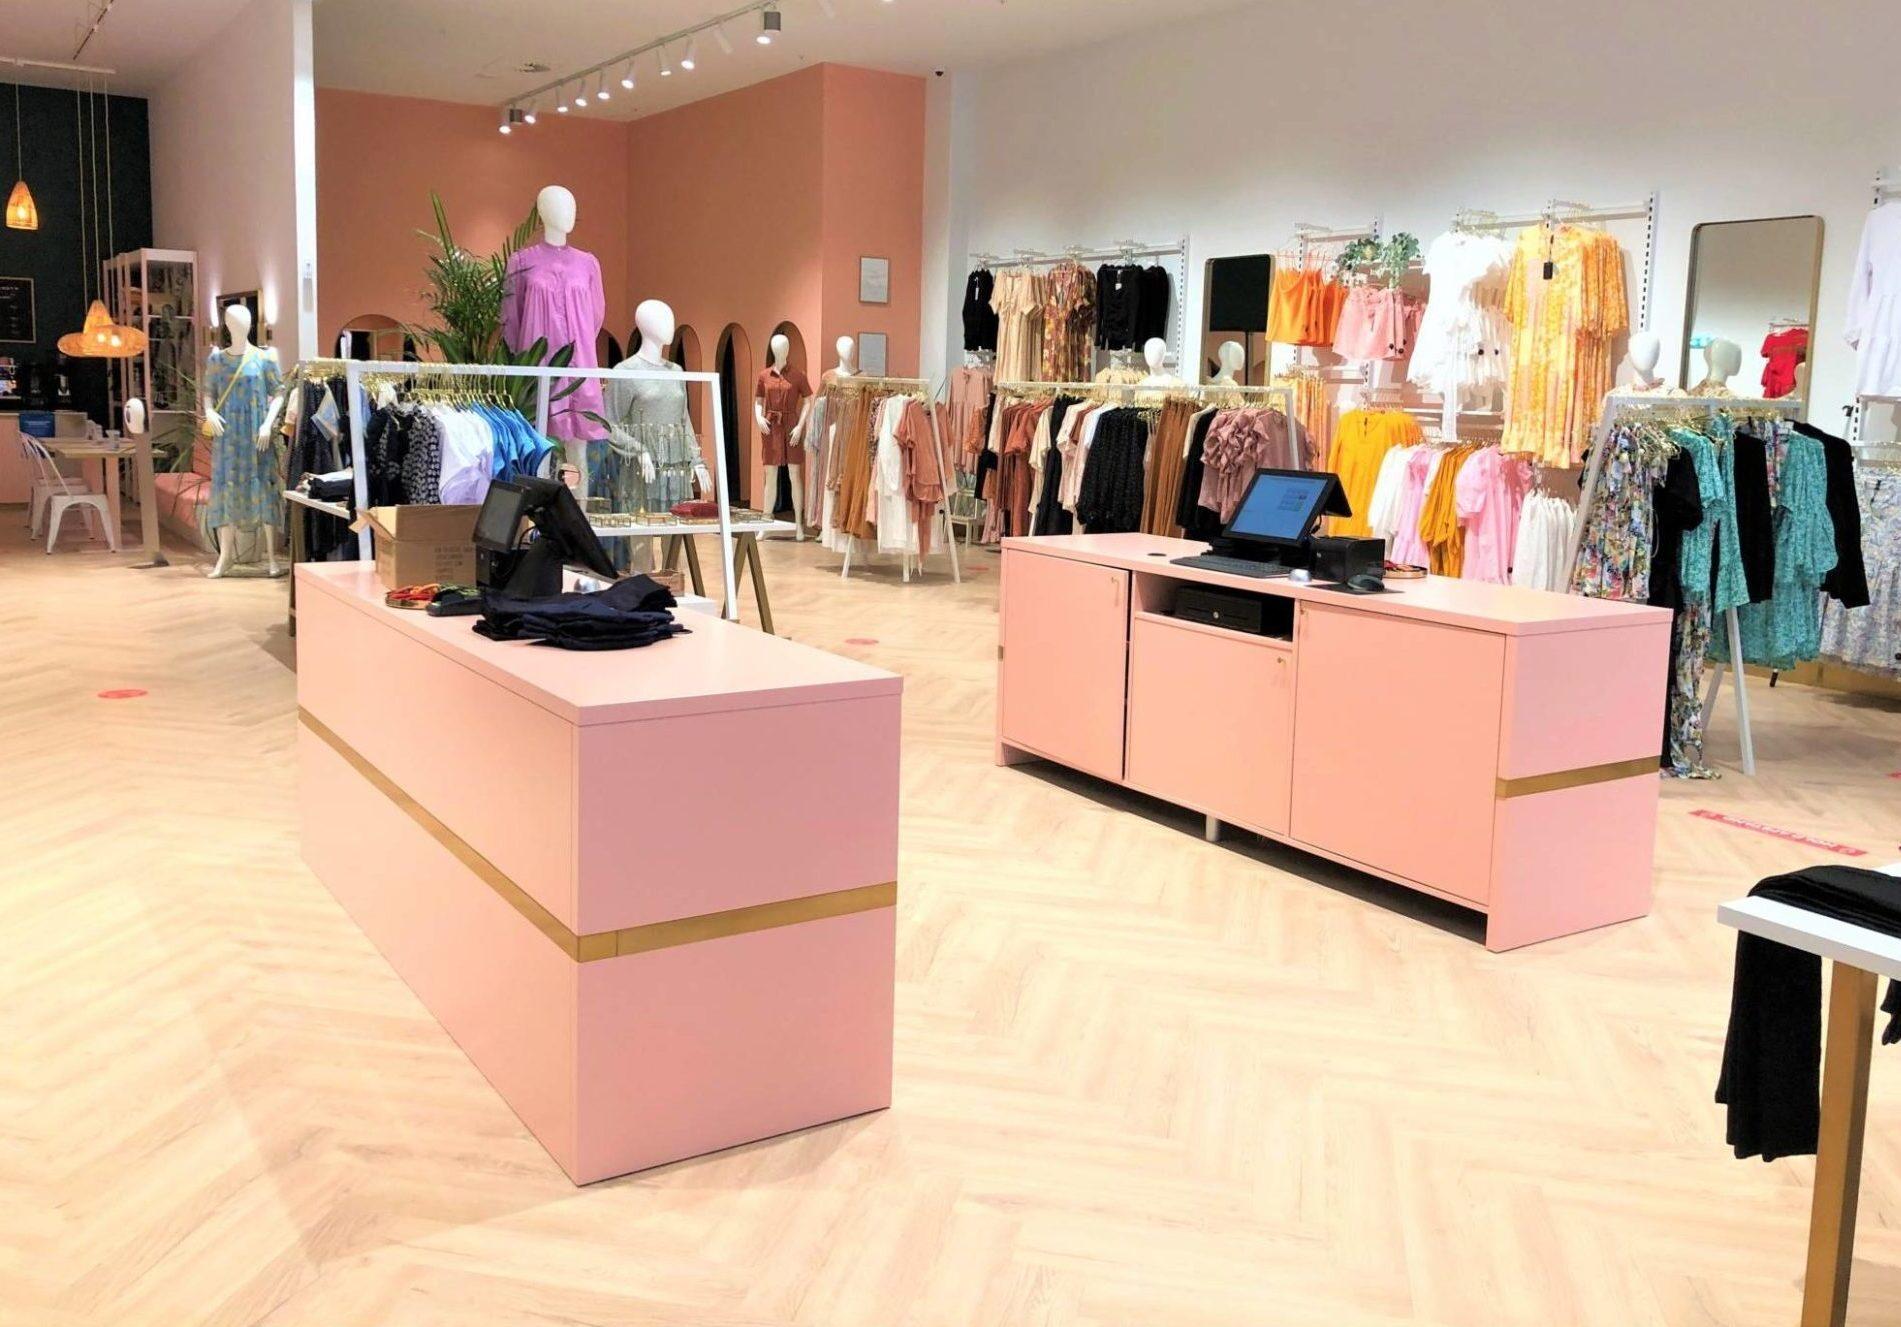 Design diske til nye tøjbutikker